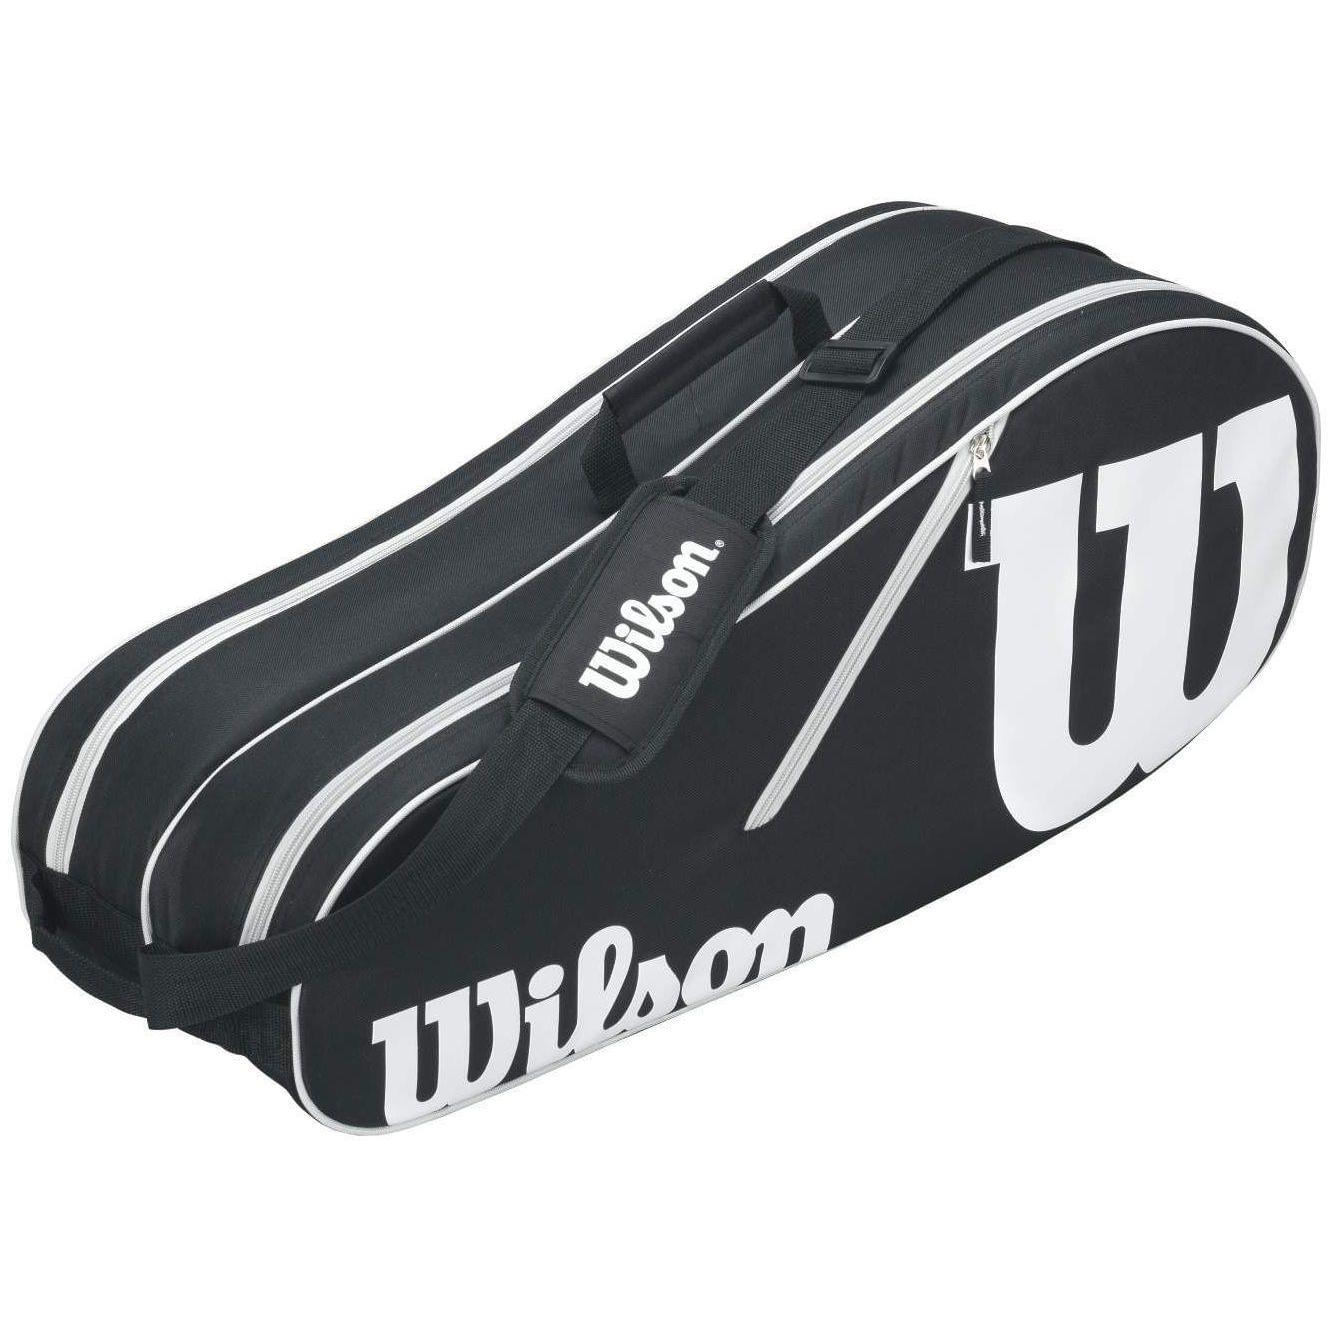 Wilson 6 Racket Bag Poobie Naidoos